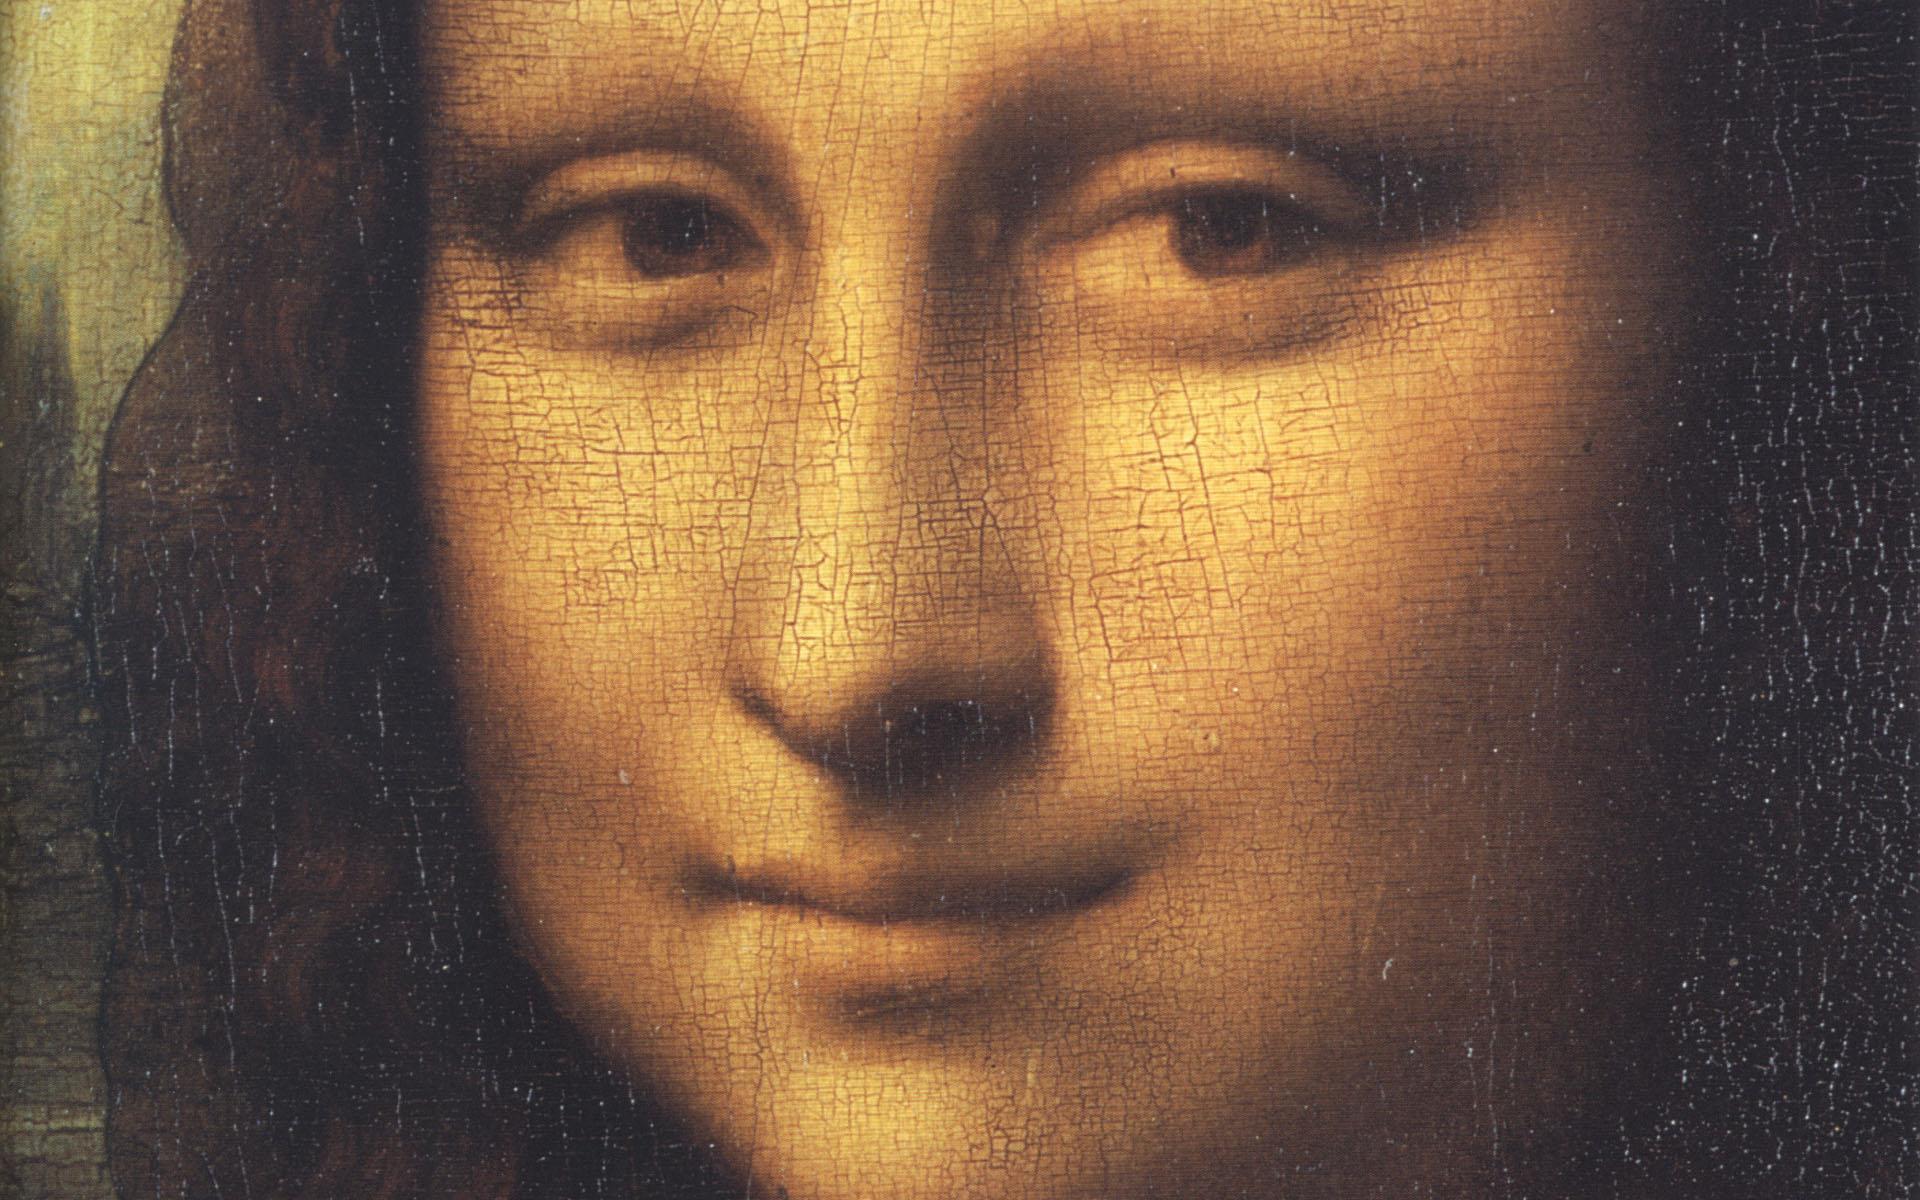 Някой описват усмивката на Джокондата като самодоволна, други като загадъчна